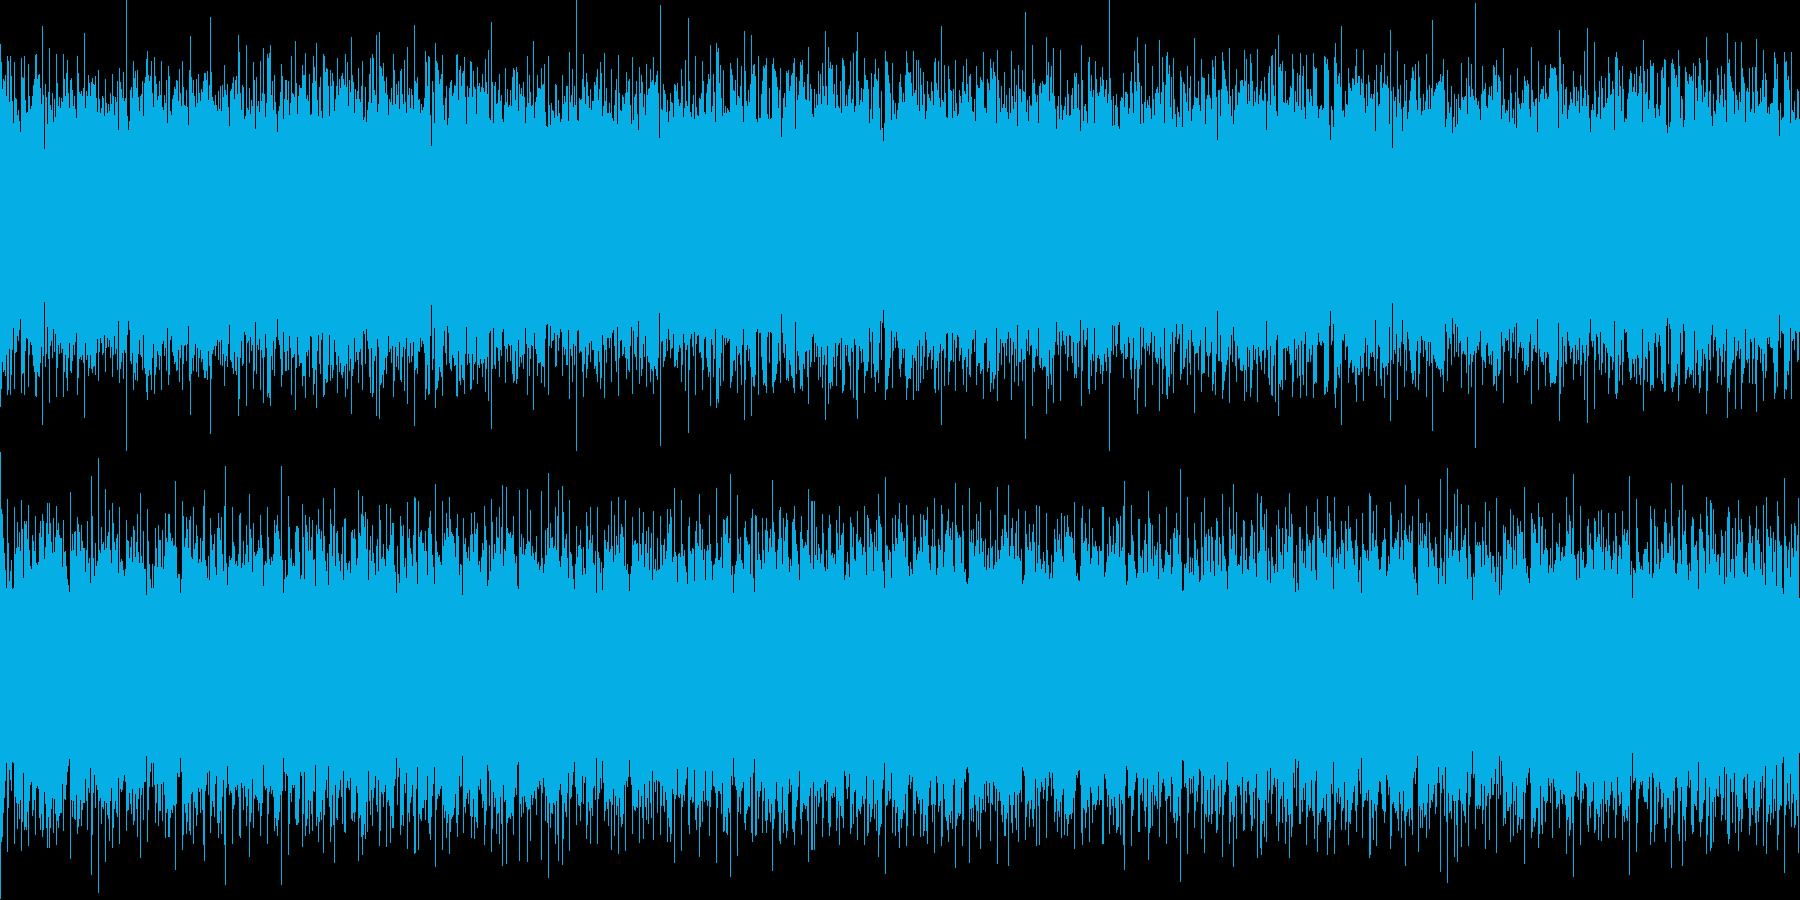 【テクノ■幻想的なピアノ旋律(ループ)】の再生済みの波形